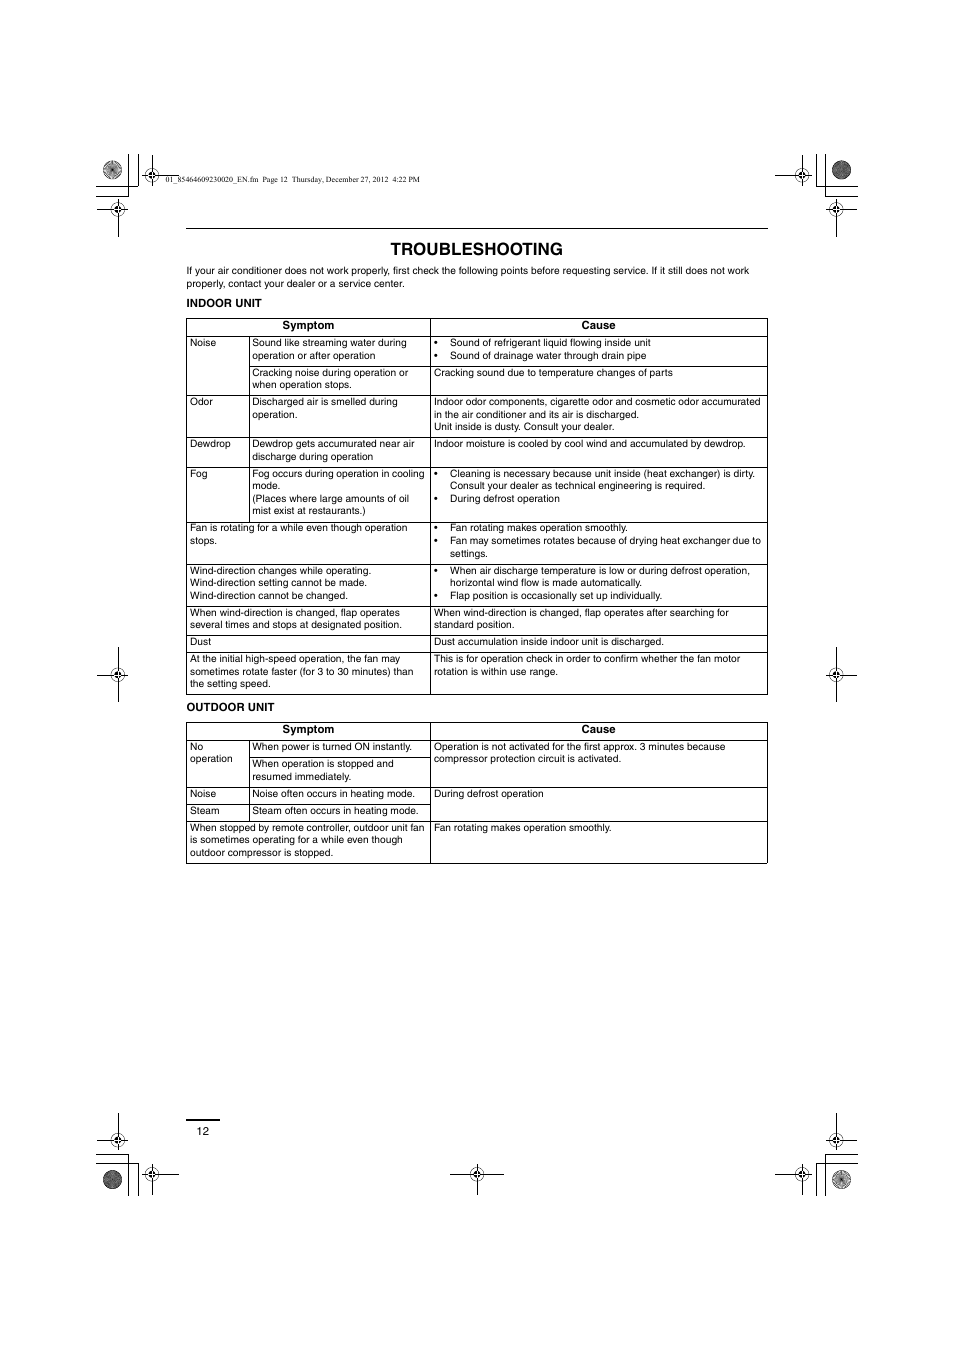 troubleshooting panasonic u71pey1e5 user manual page 12 142 rh manualsdir com Ingersoll Rand Air Compressor Manual Kobalt Air Compressor Parts Catalog